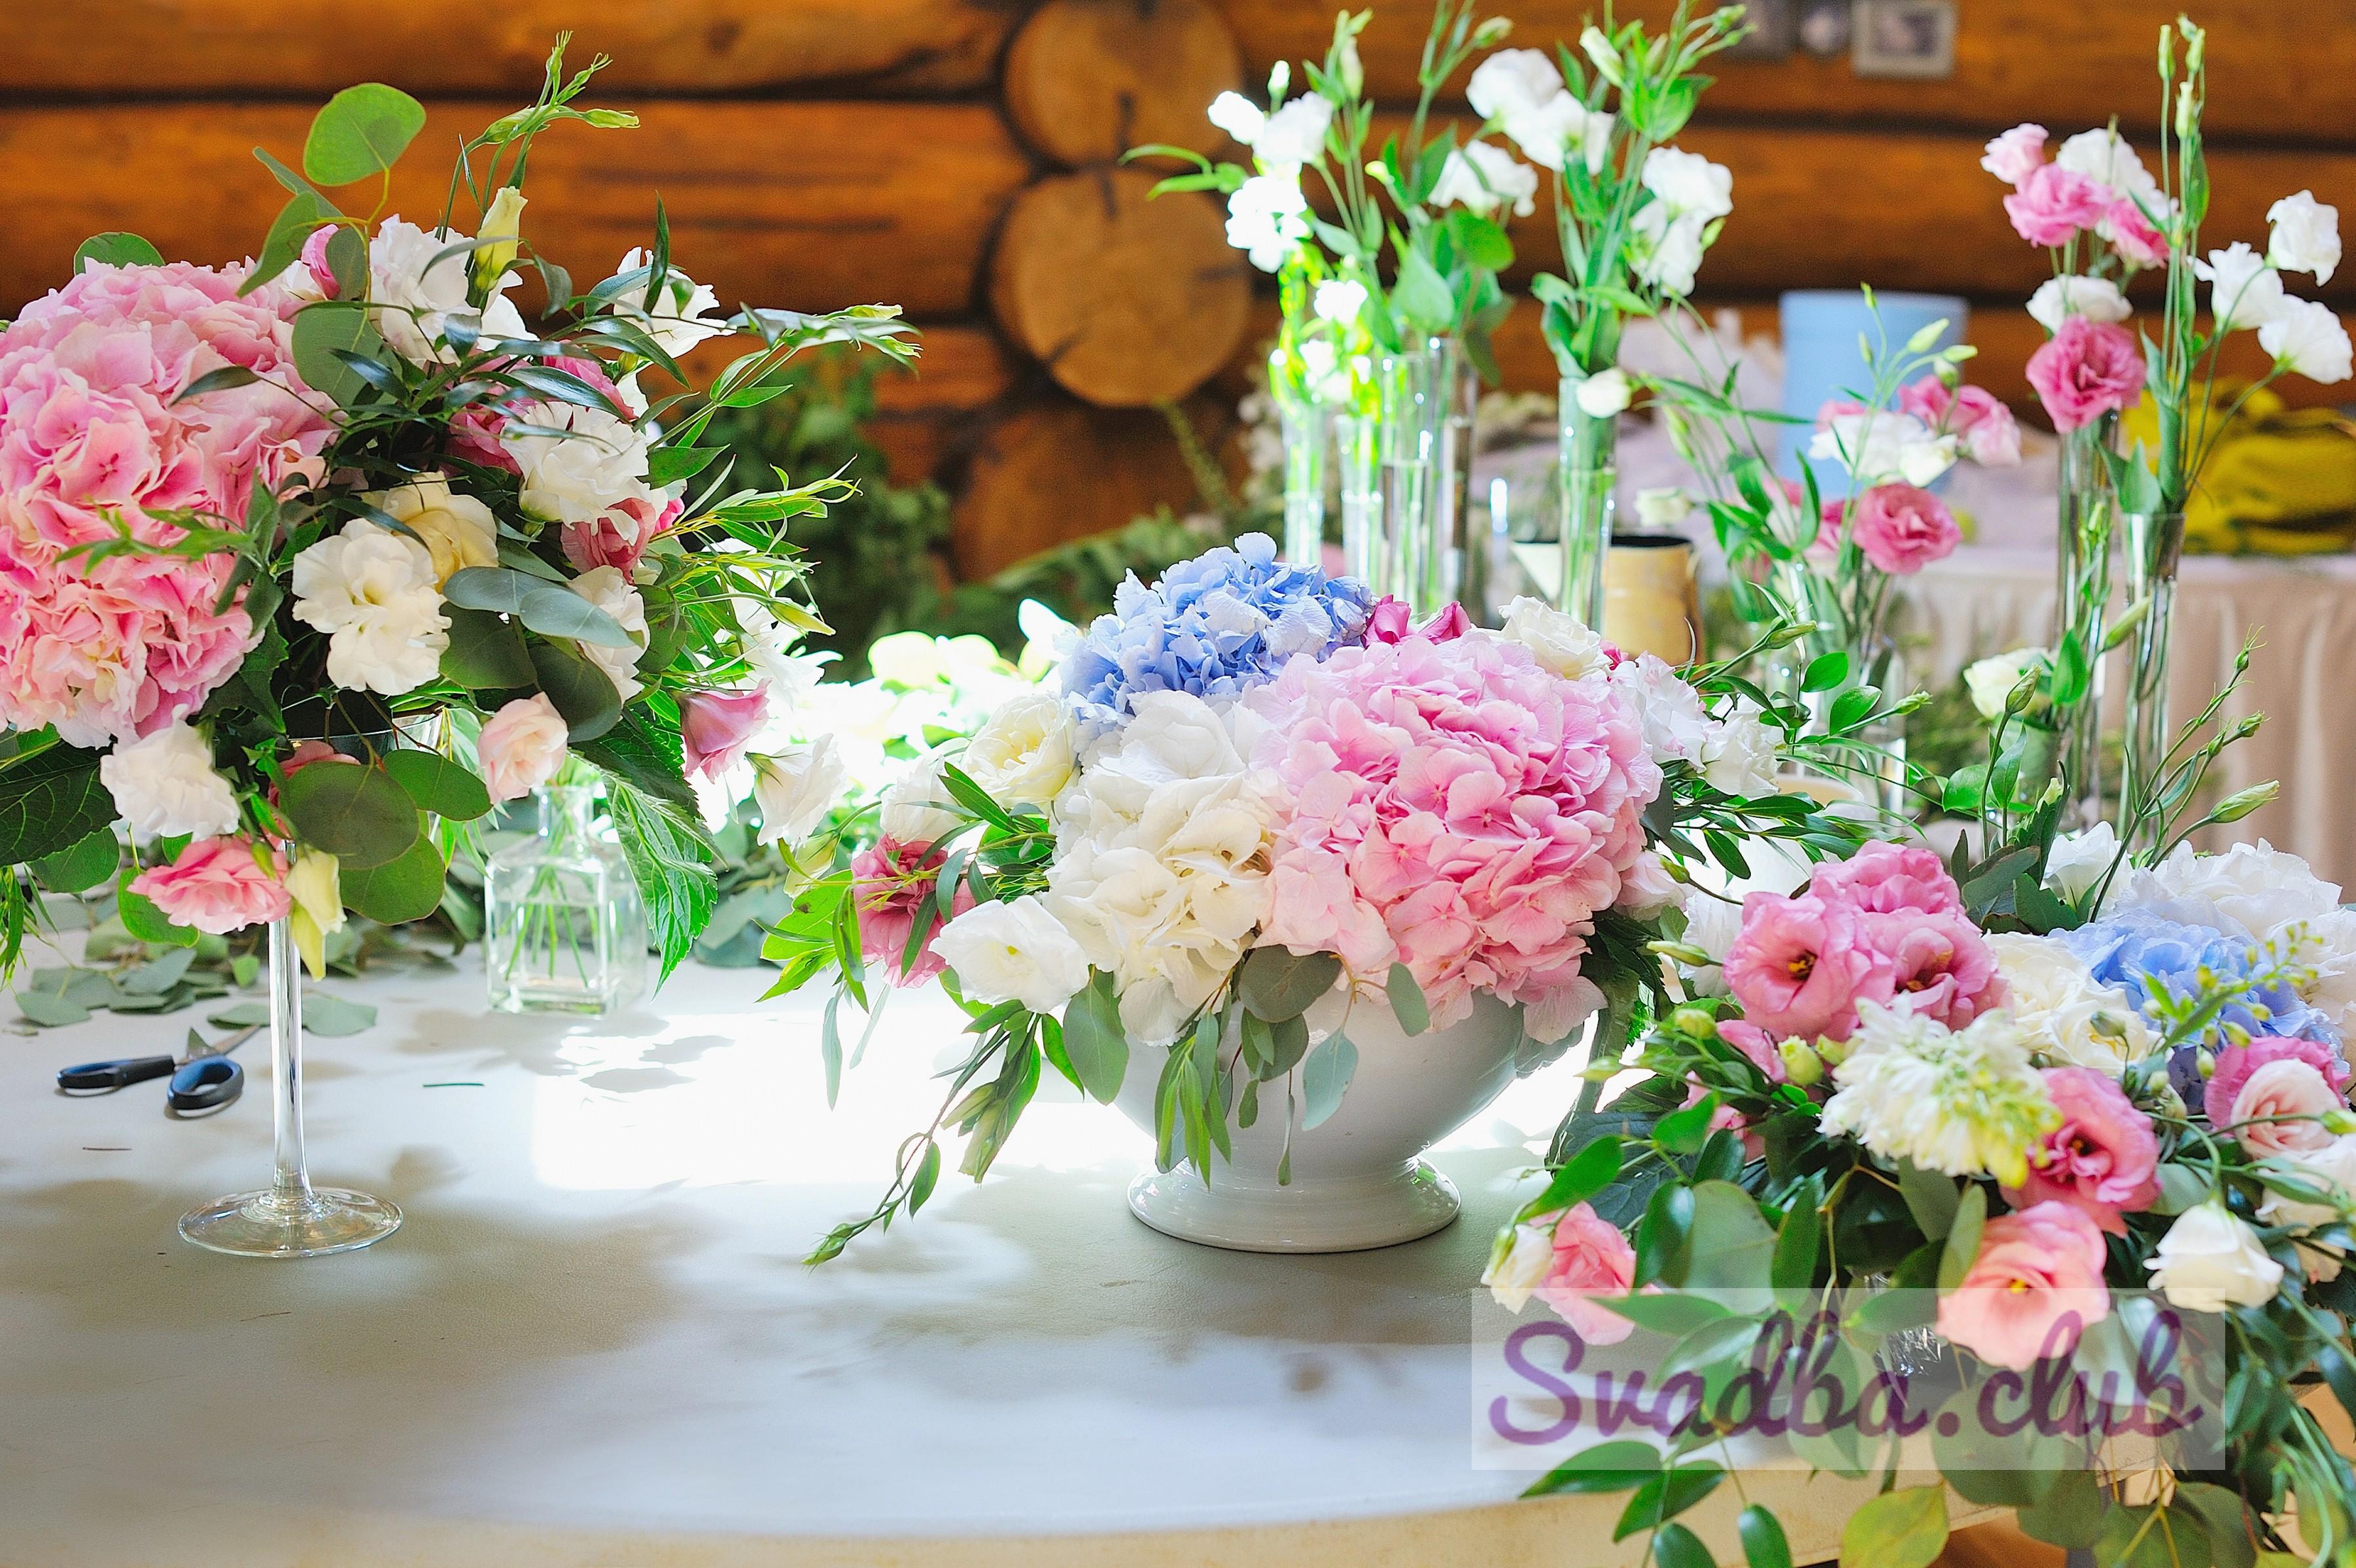 Какие бывают свадьбы и свадебные юбилеи, что лучше дарить молодоженам